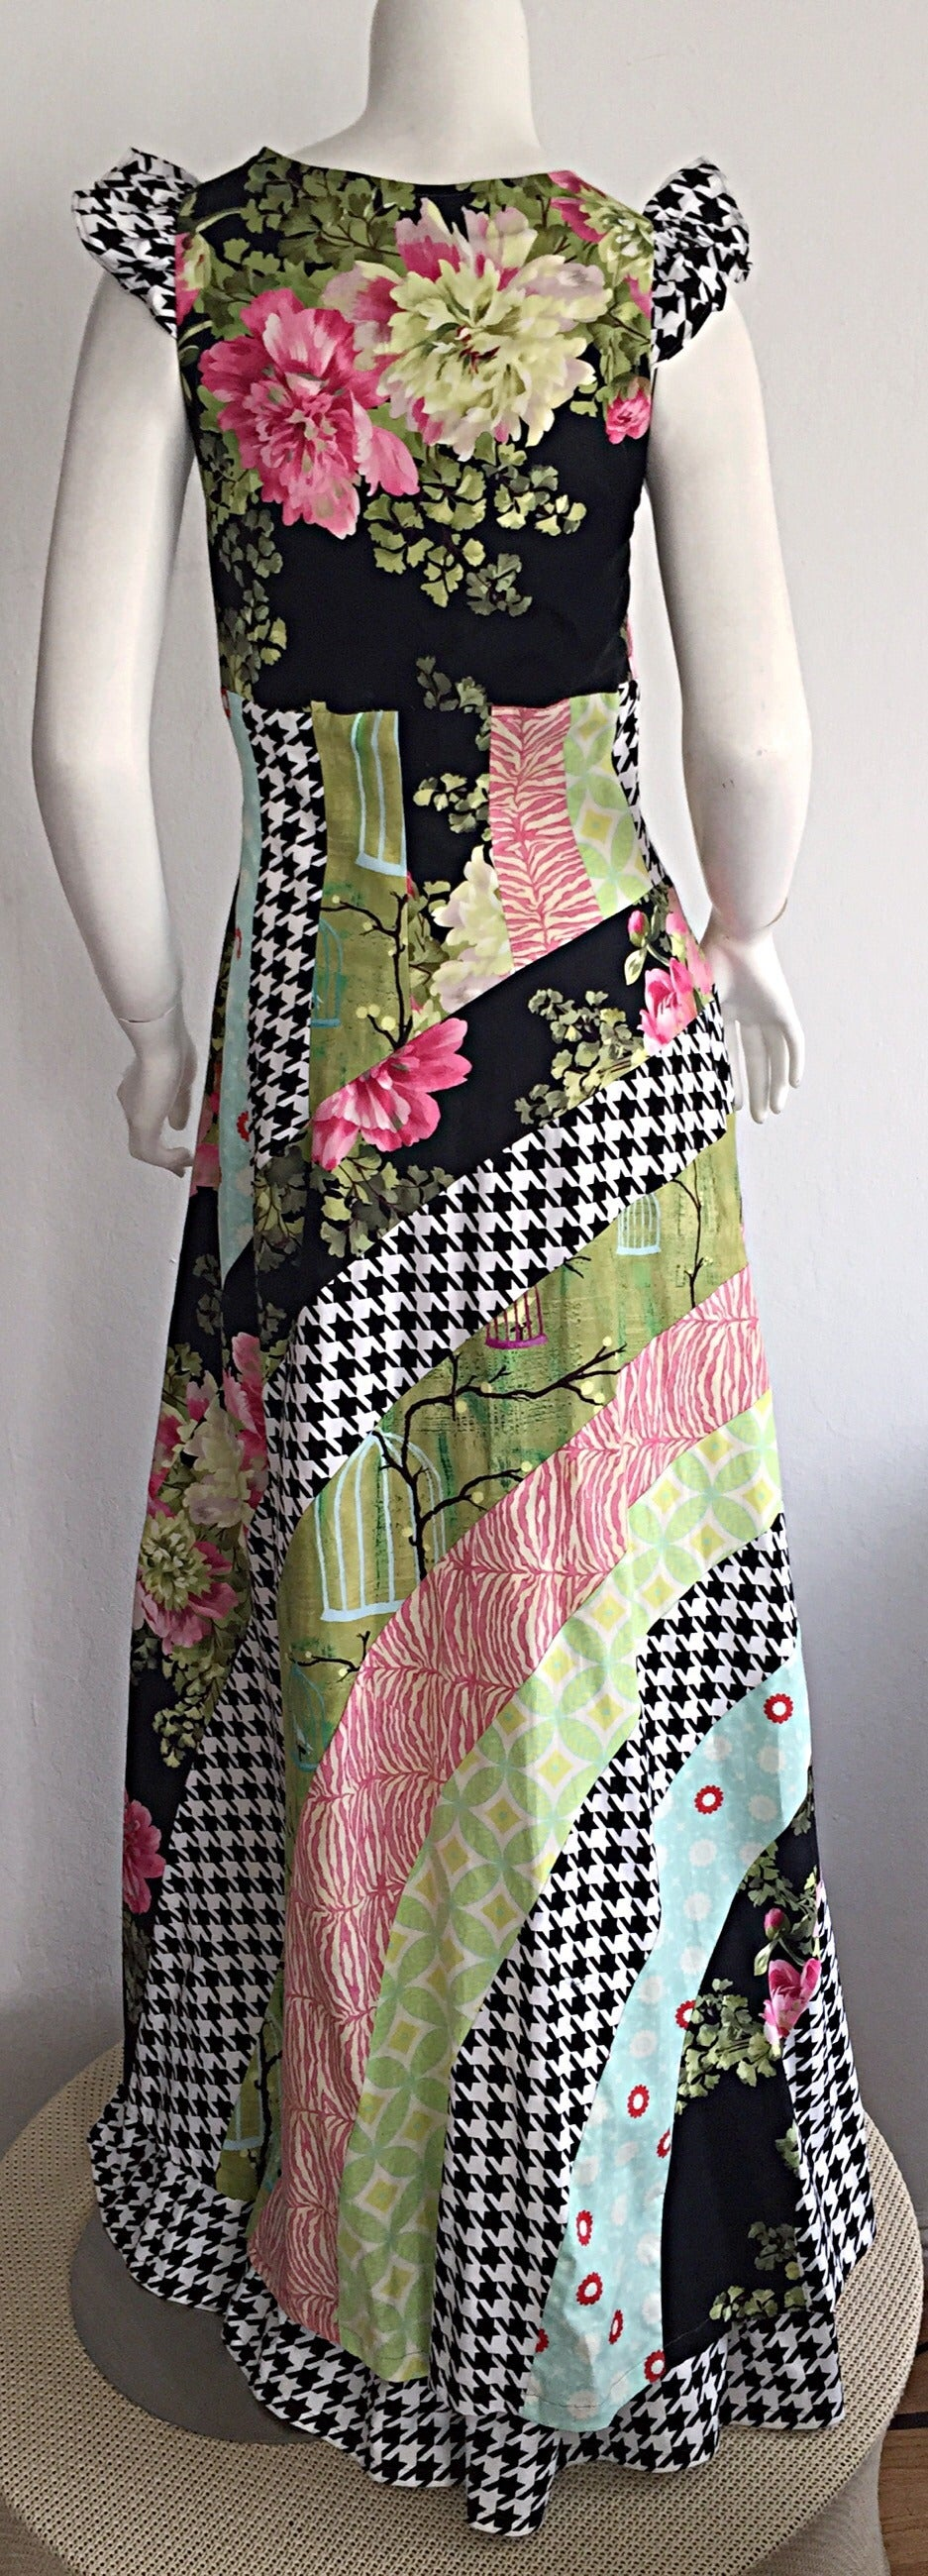 Black Amazing 1970s Vintage Bohemian Patchwork Cotton Maxi Dress For Sale